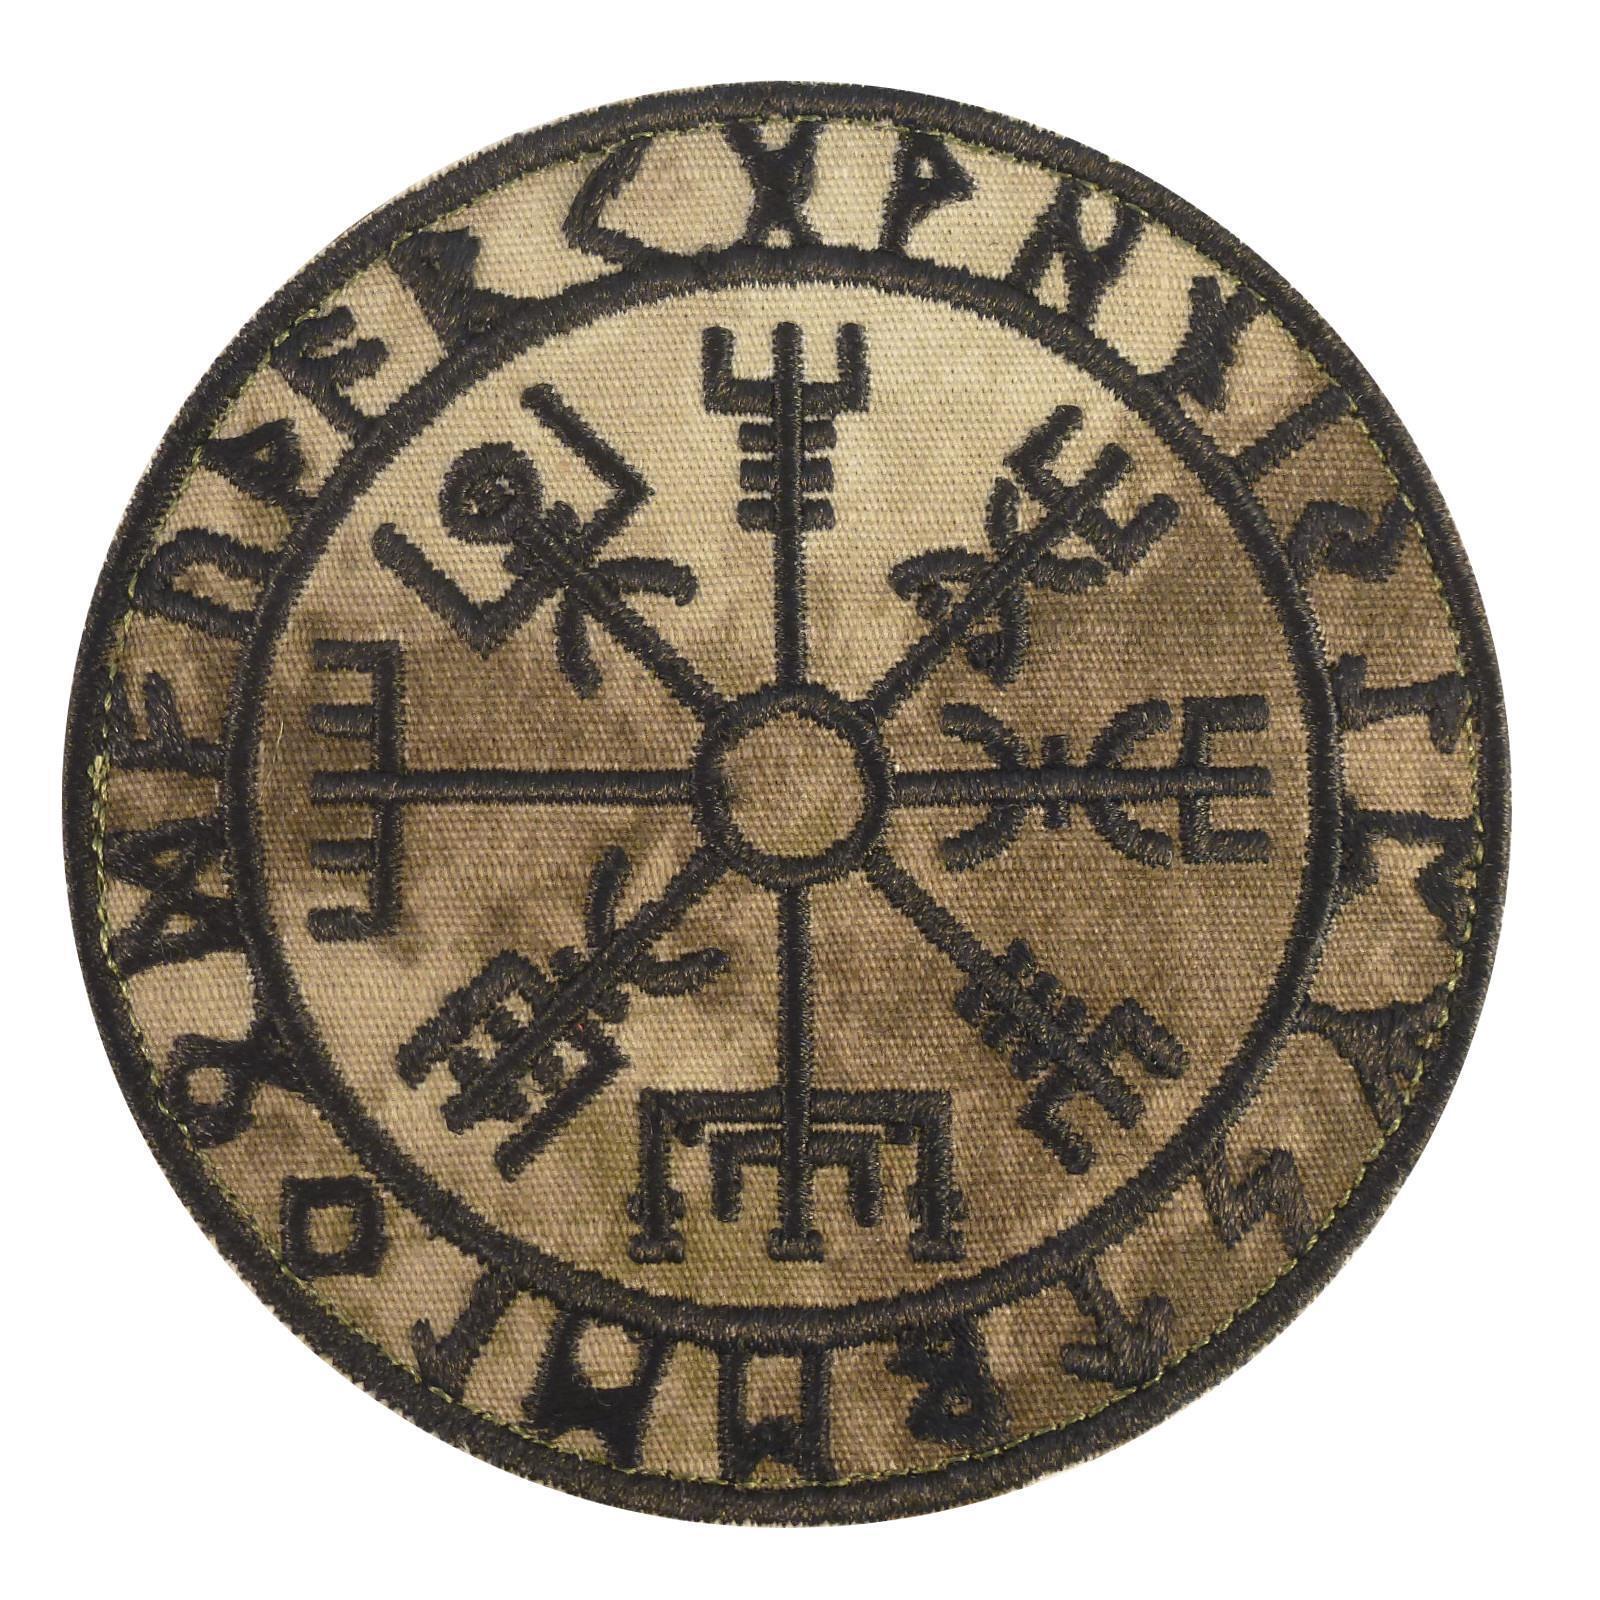 Raven Banner Viking Odin God of War subdued ACU embroidered morale hook patch